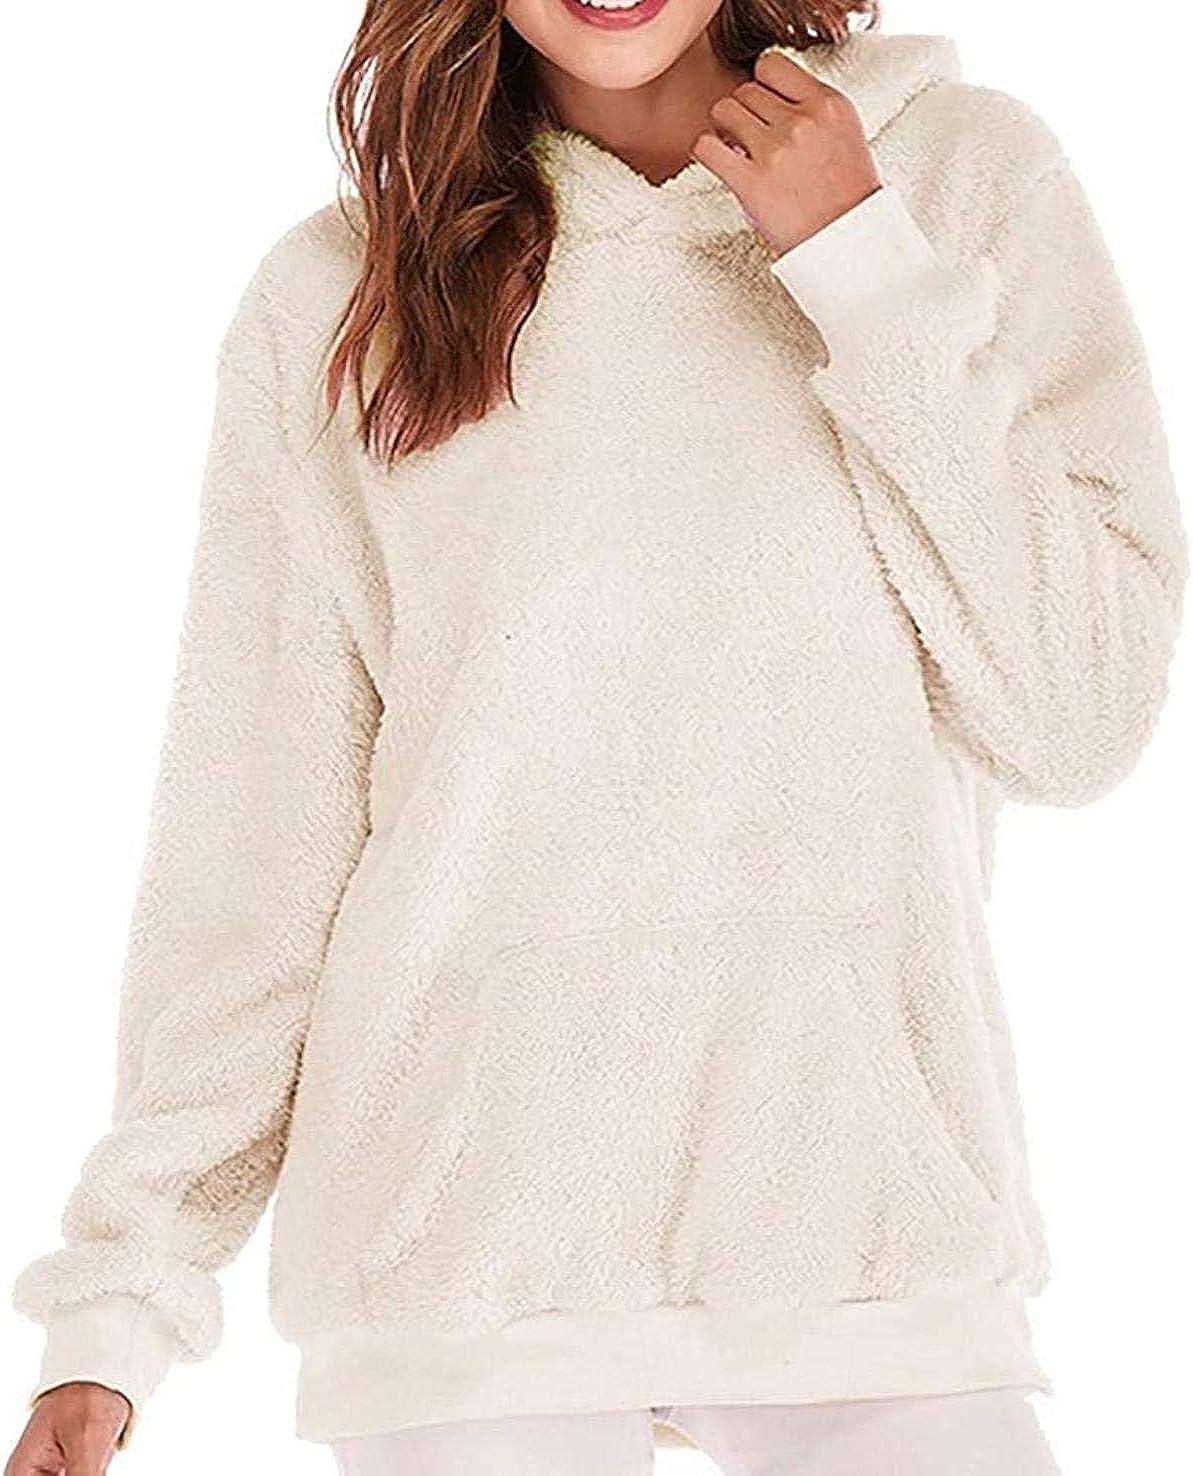 Women's Oversized Sherpa Pullover Hoodie with Pockets Zip Sweatshirt Long Sleeve Warm-up Faux Fur Fleece Hooded Coat